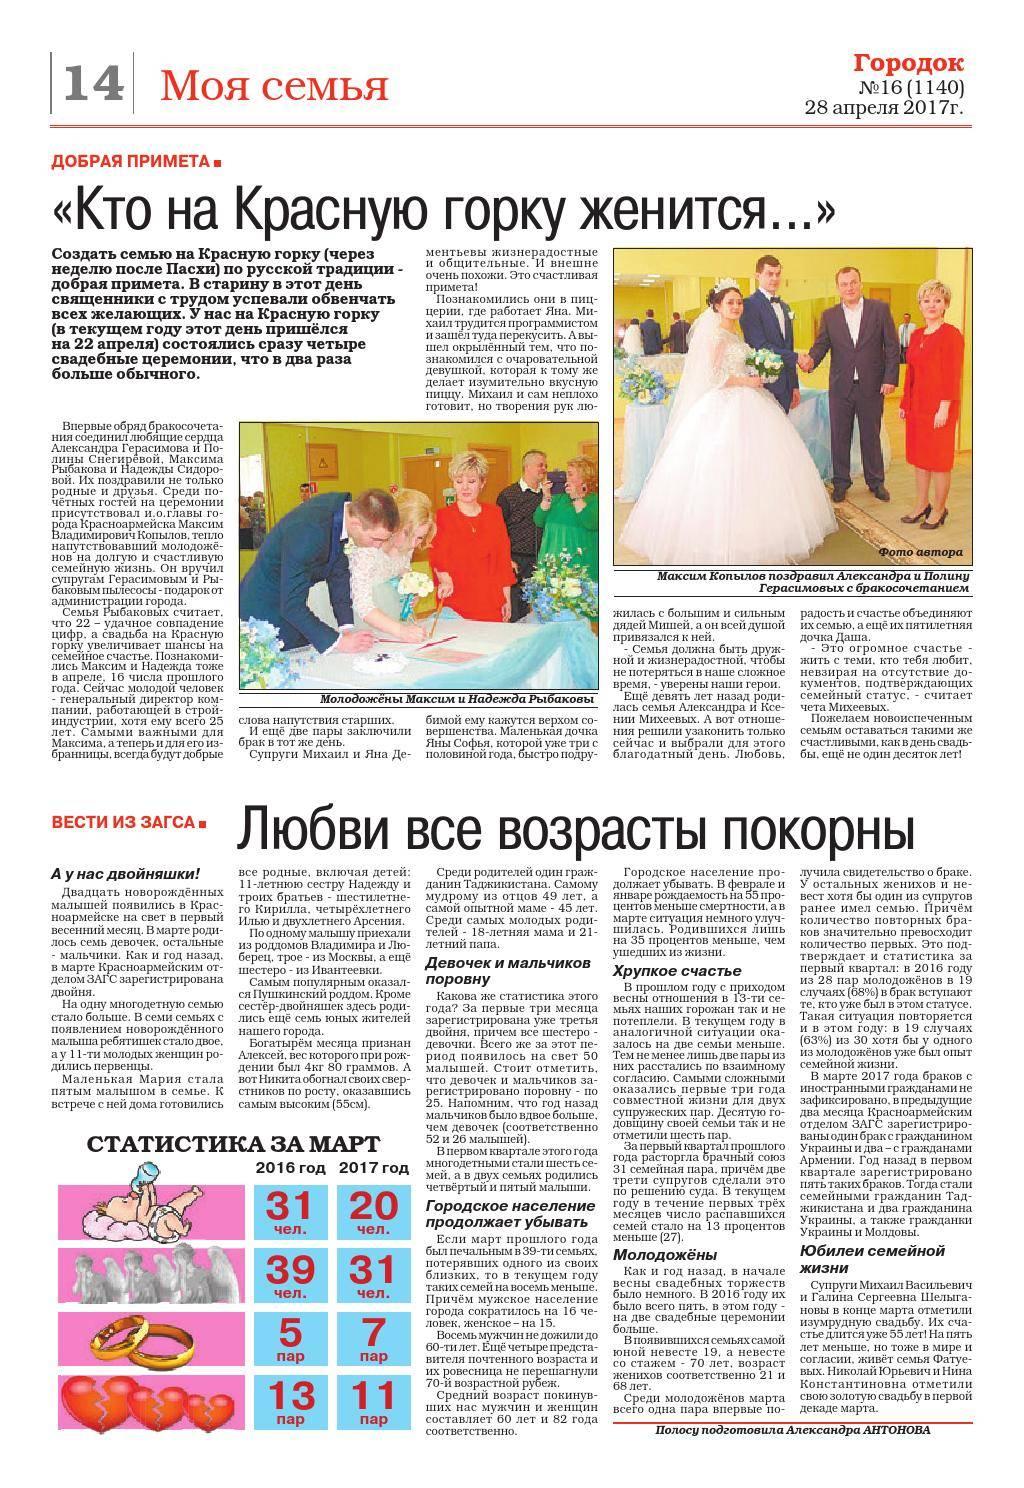 Красная горка 2020: когда выходить замуж, свадебные обряды и приметы, что нельзя делать